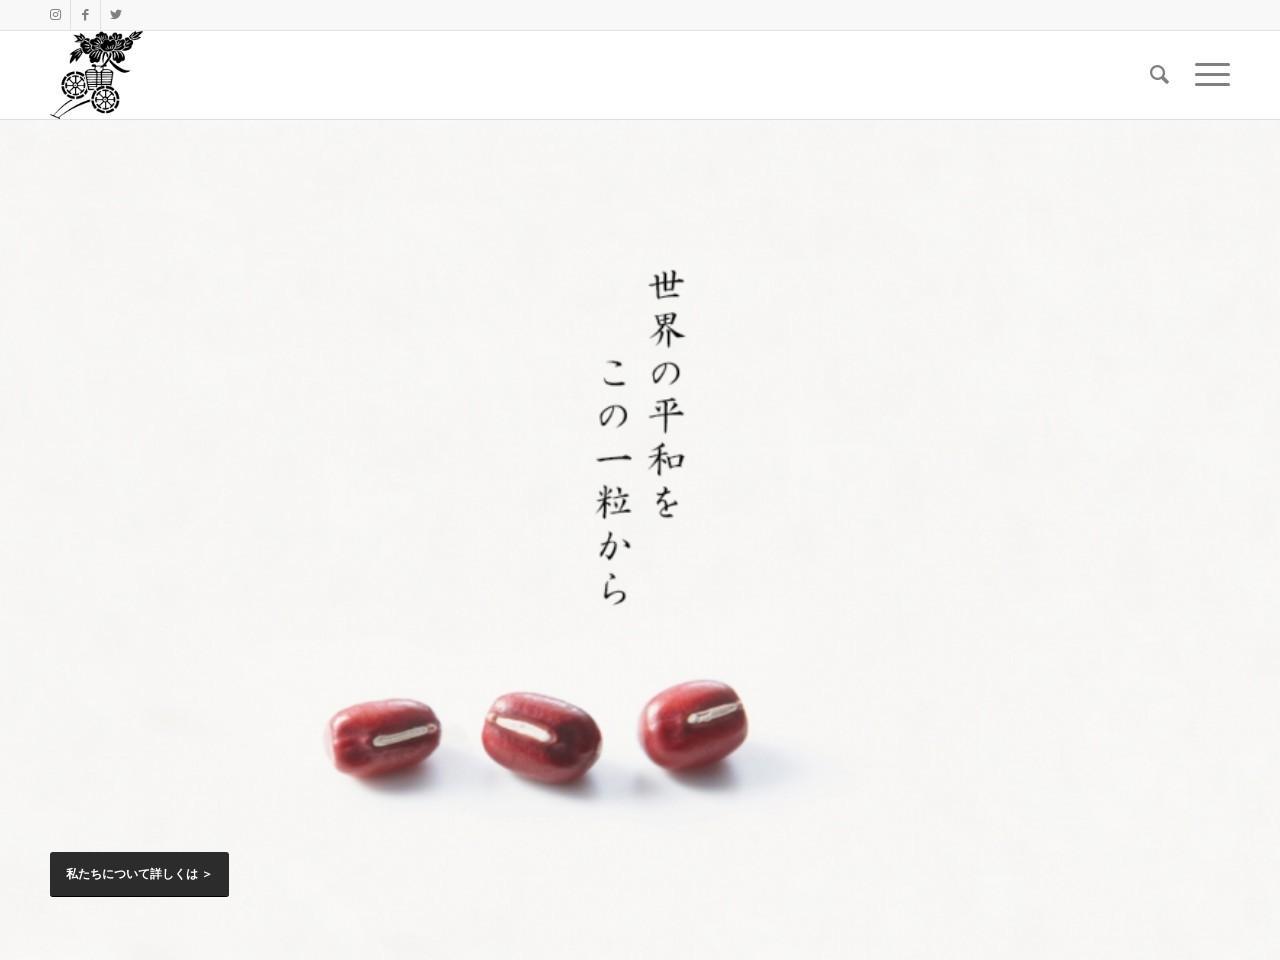 菓匠館福寿堂秀信帝塚山本店